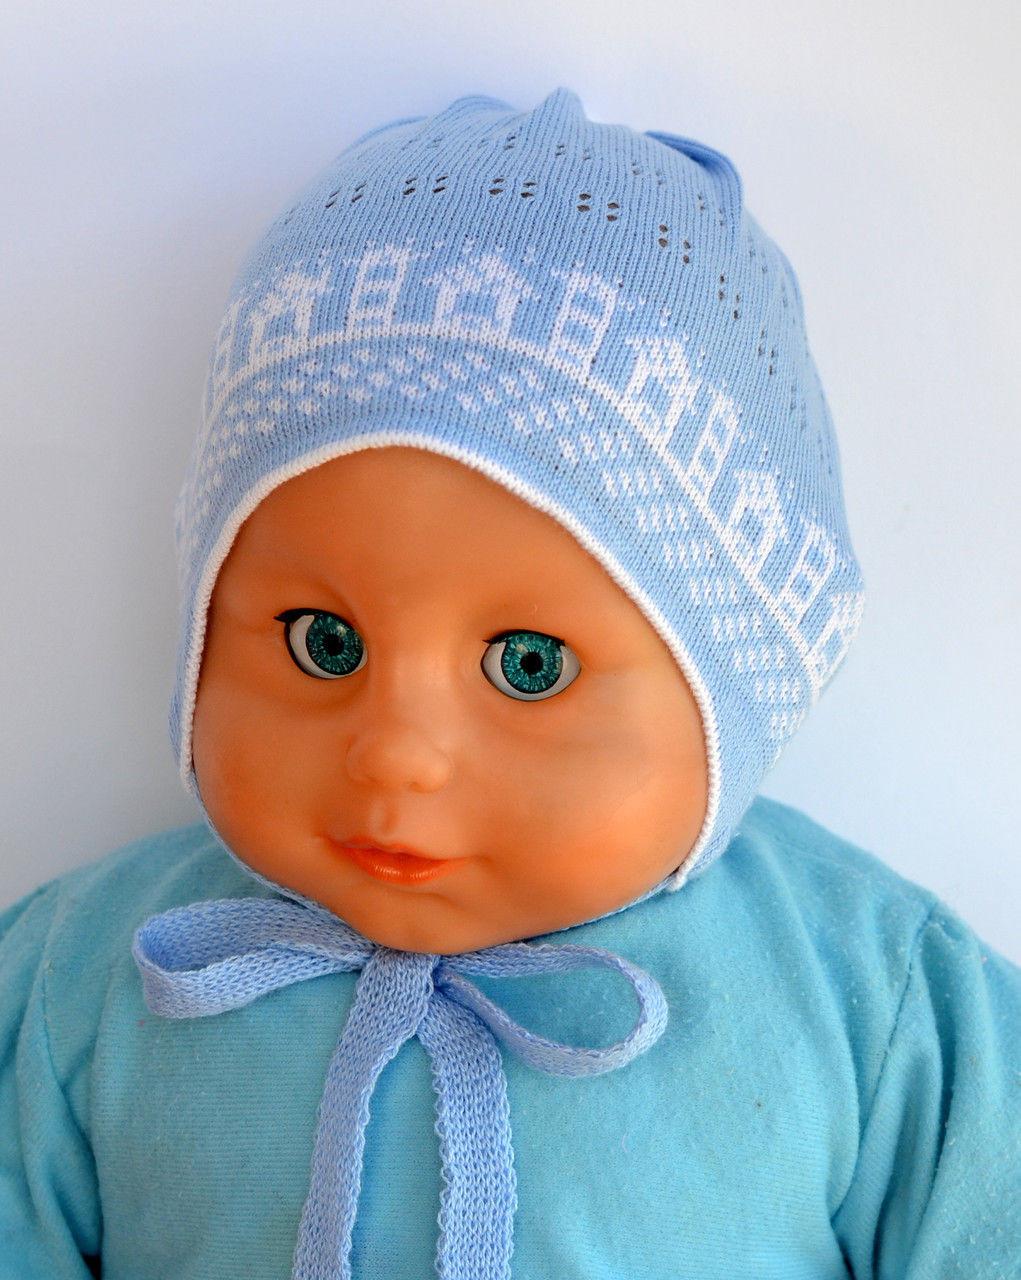 вязаная шапочка для новорожденного мальчика цена 38 грн купить в